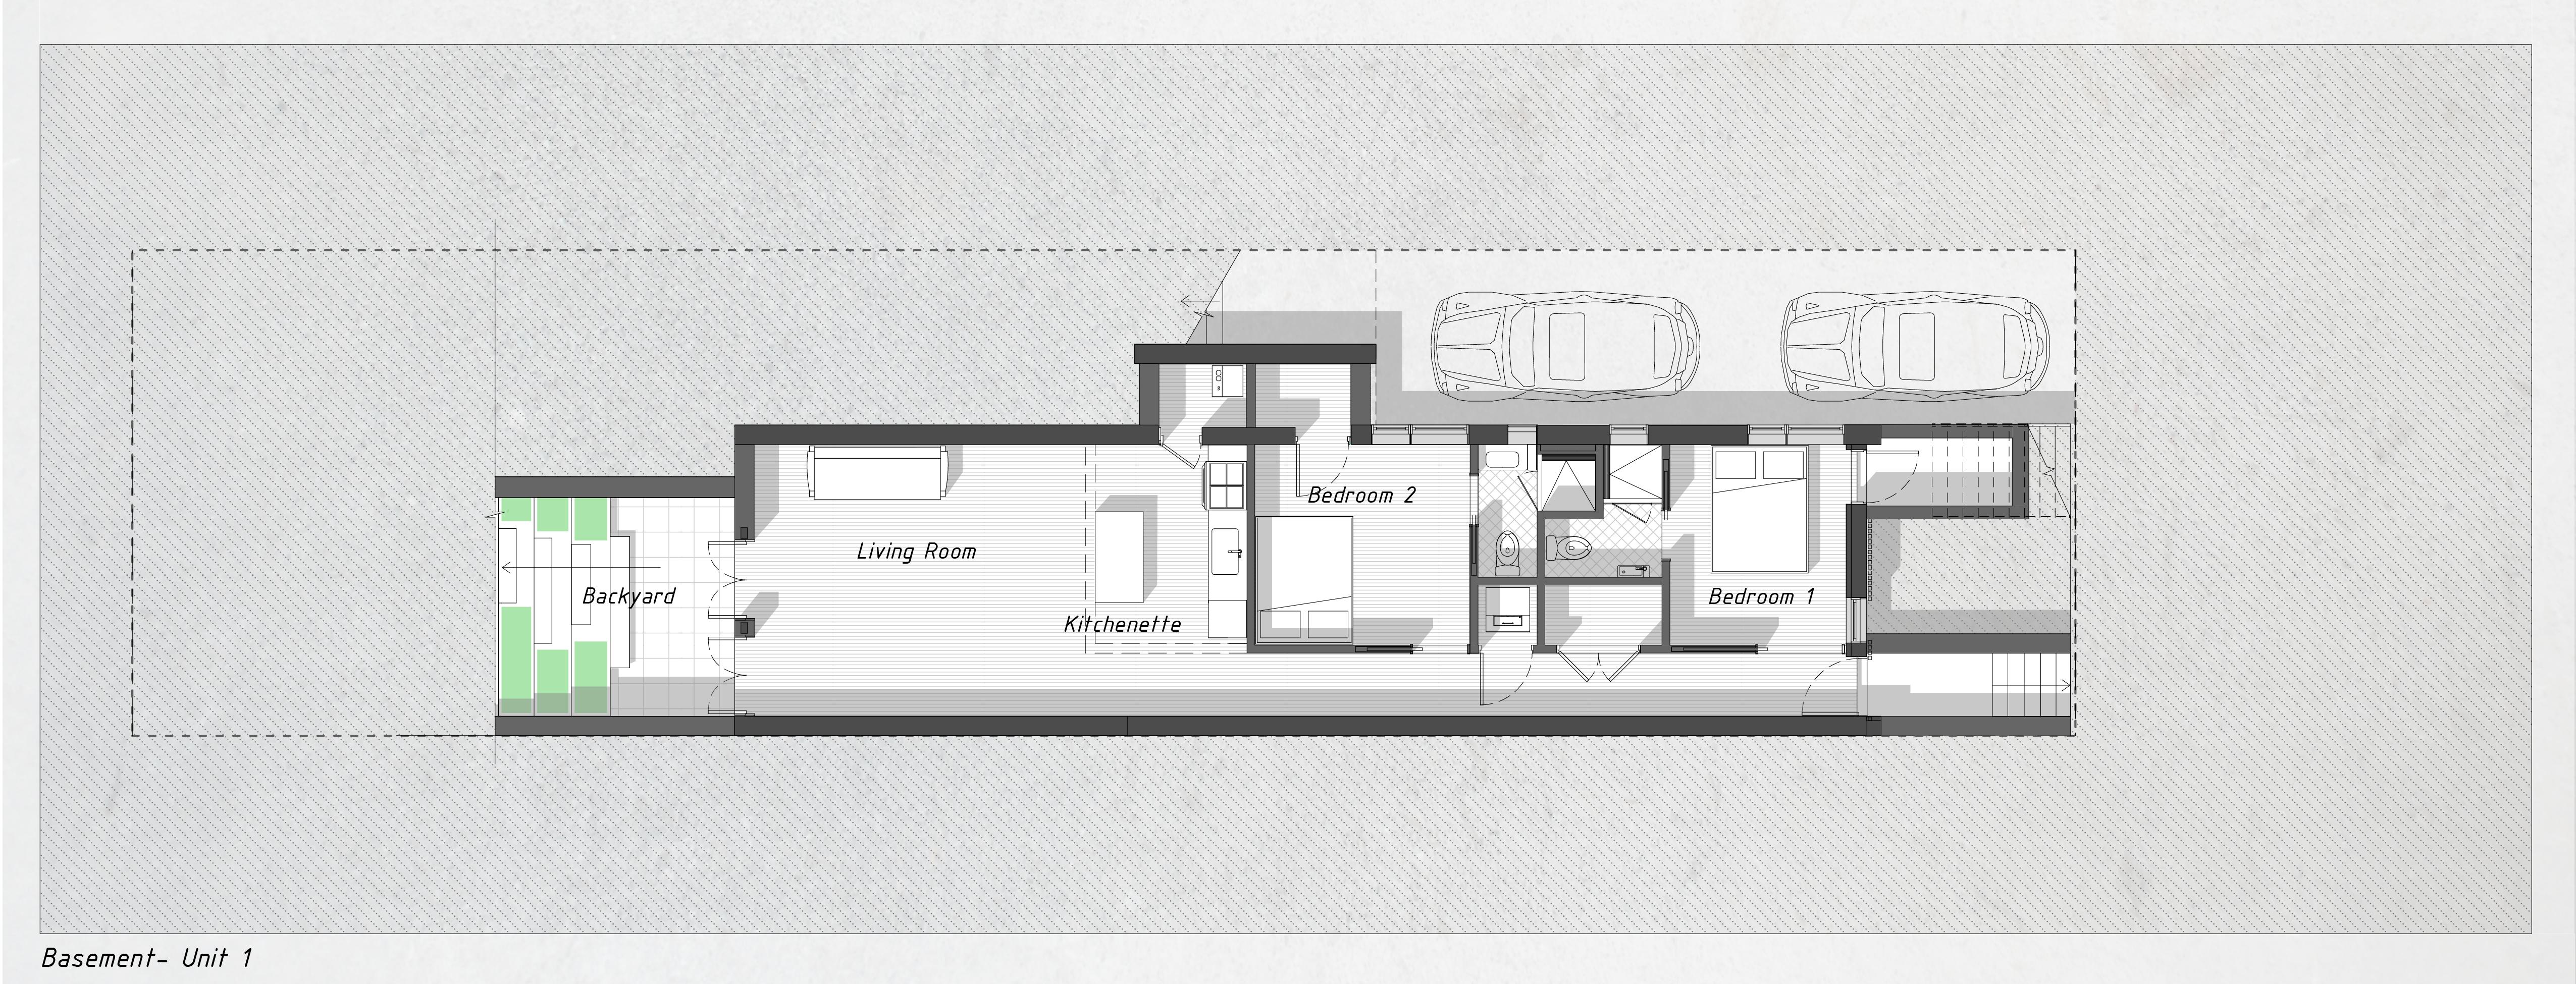 floorplans-05